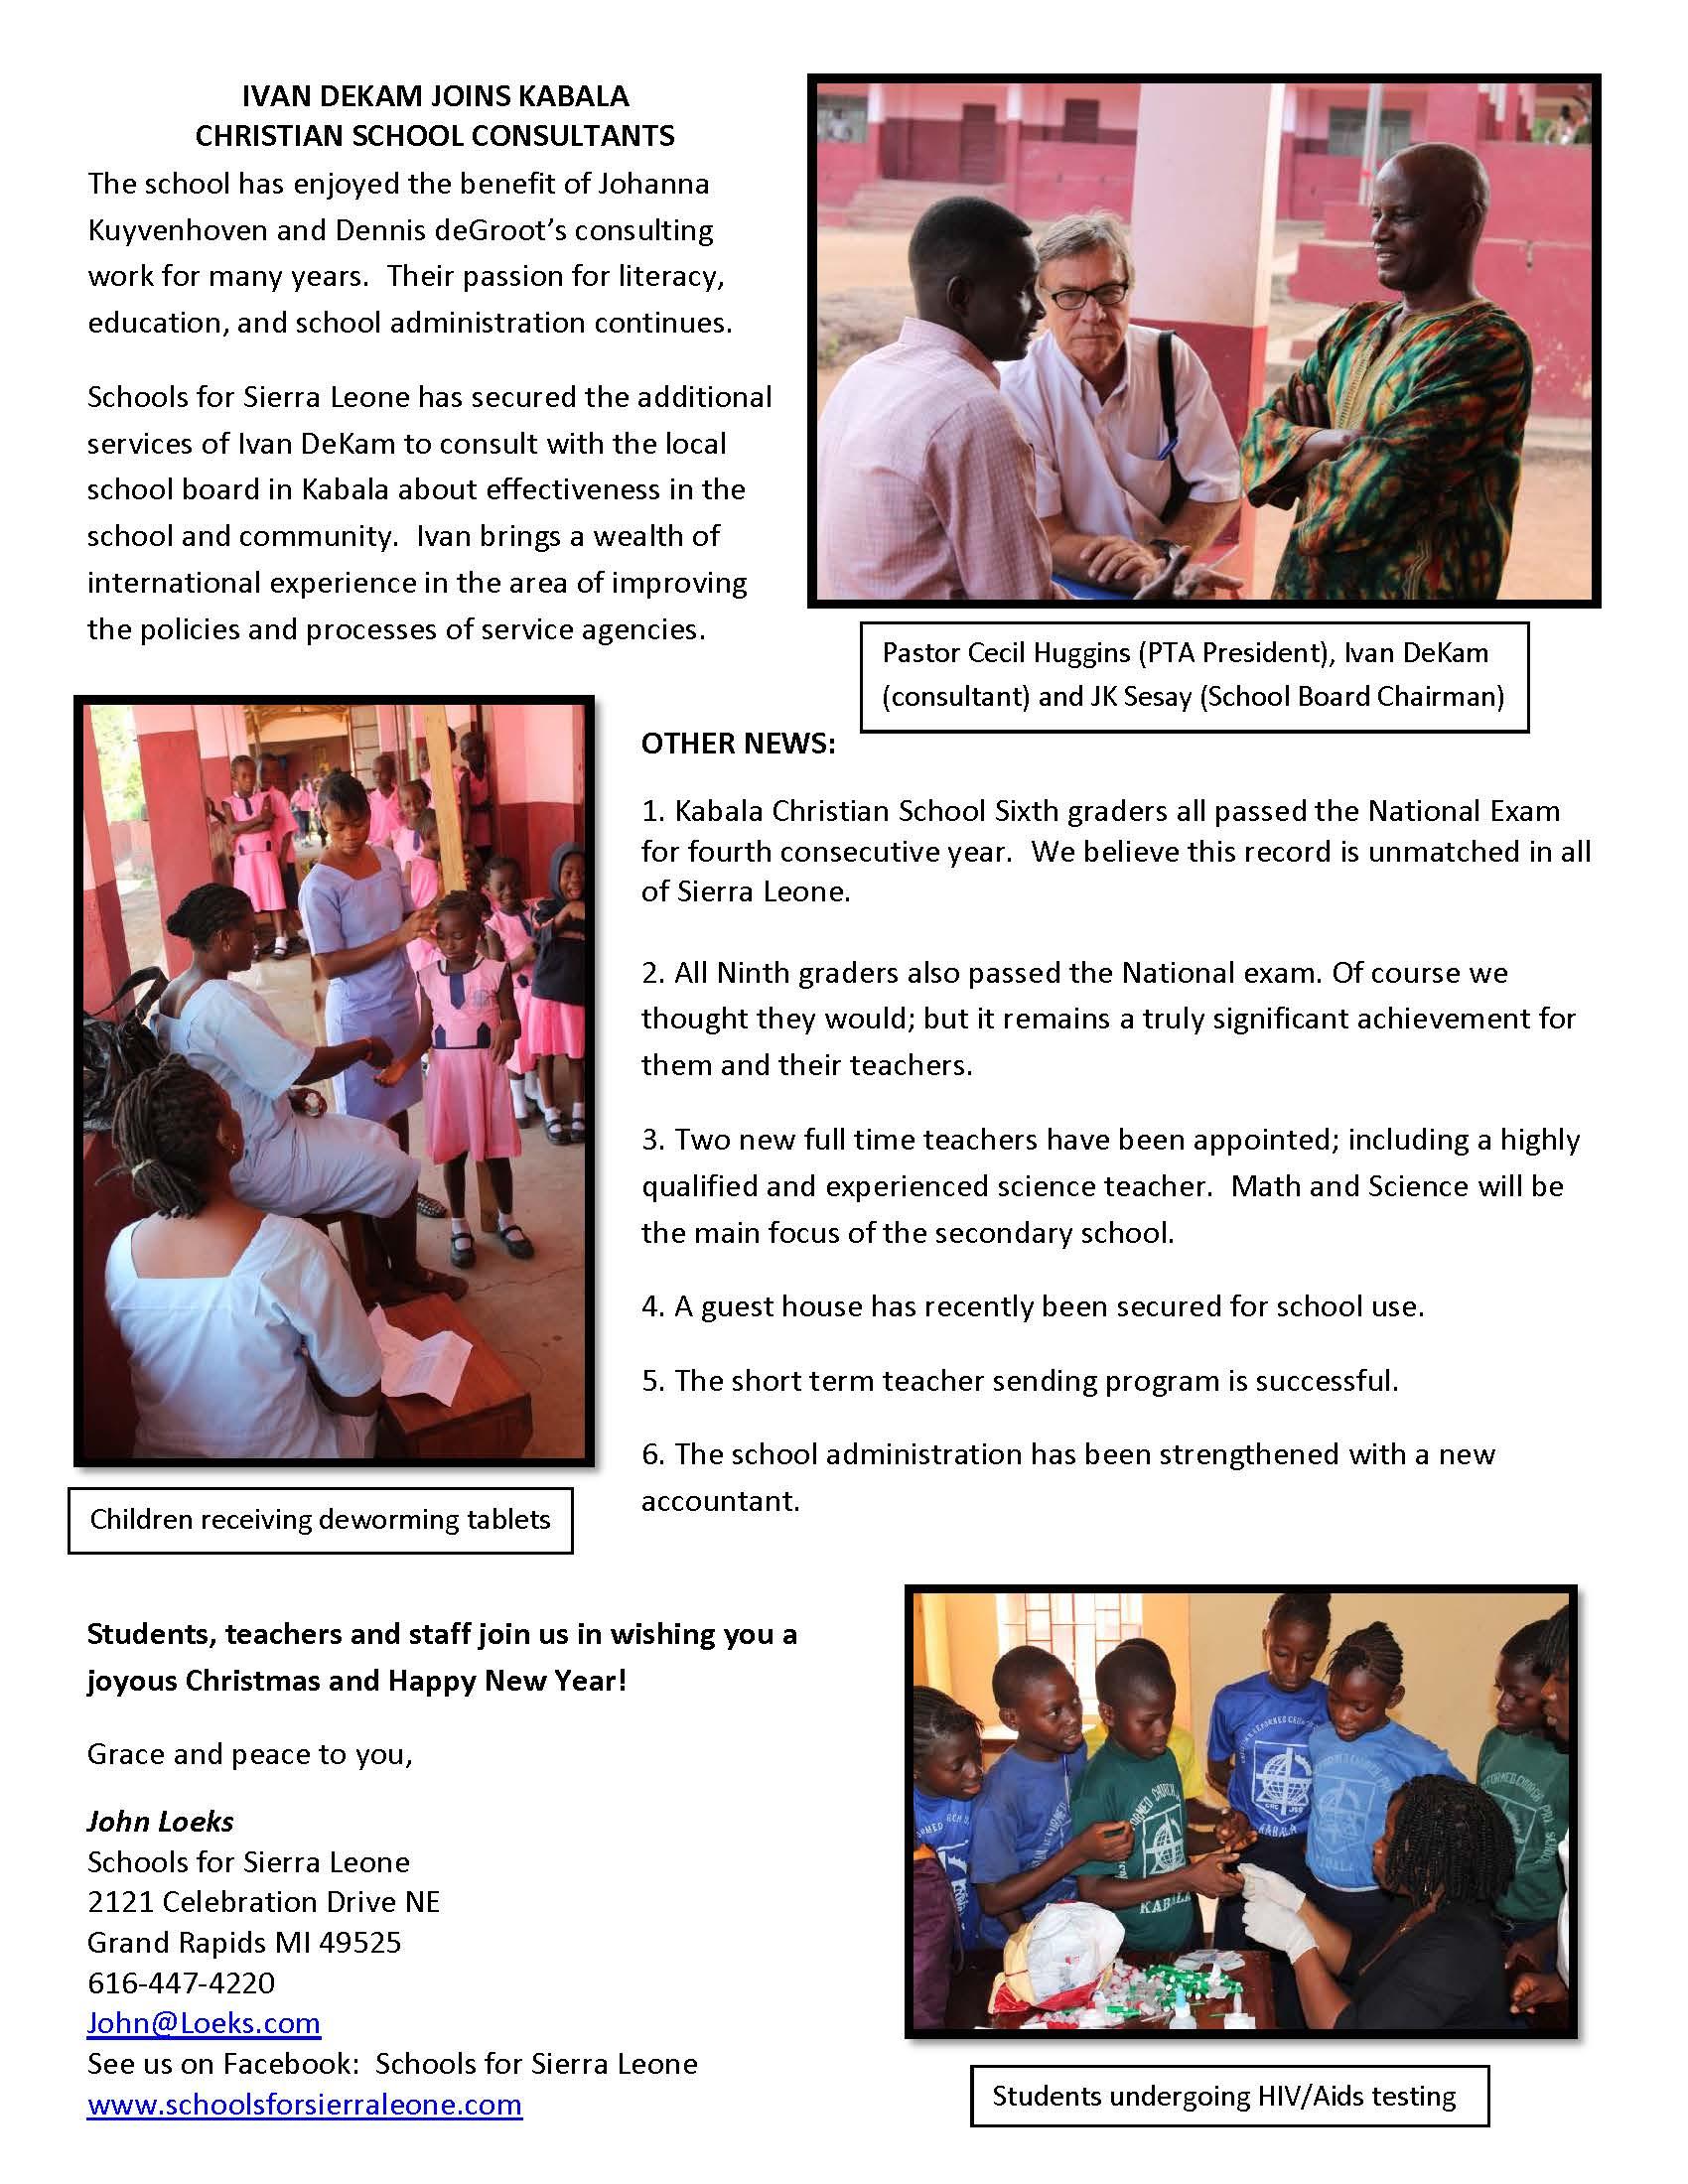 SFSL Newsletter DECEMBER 2013_Page_2.jpg